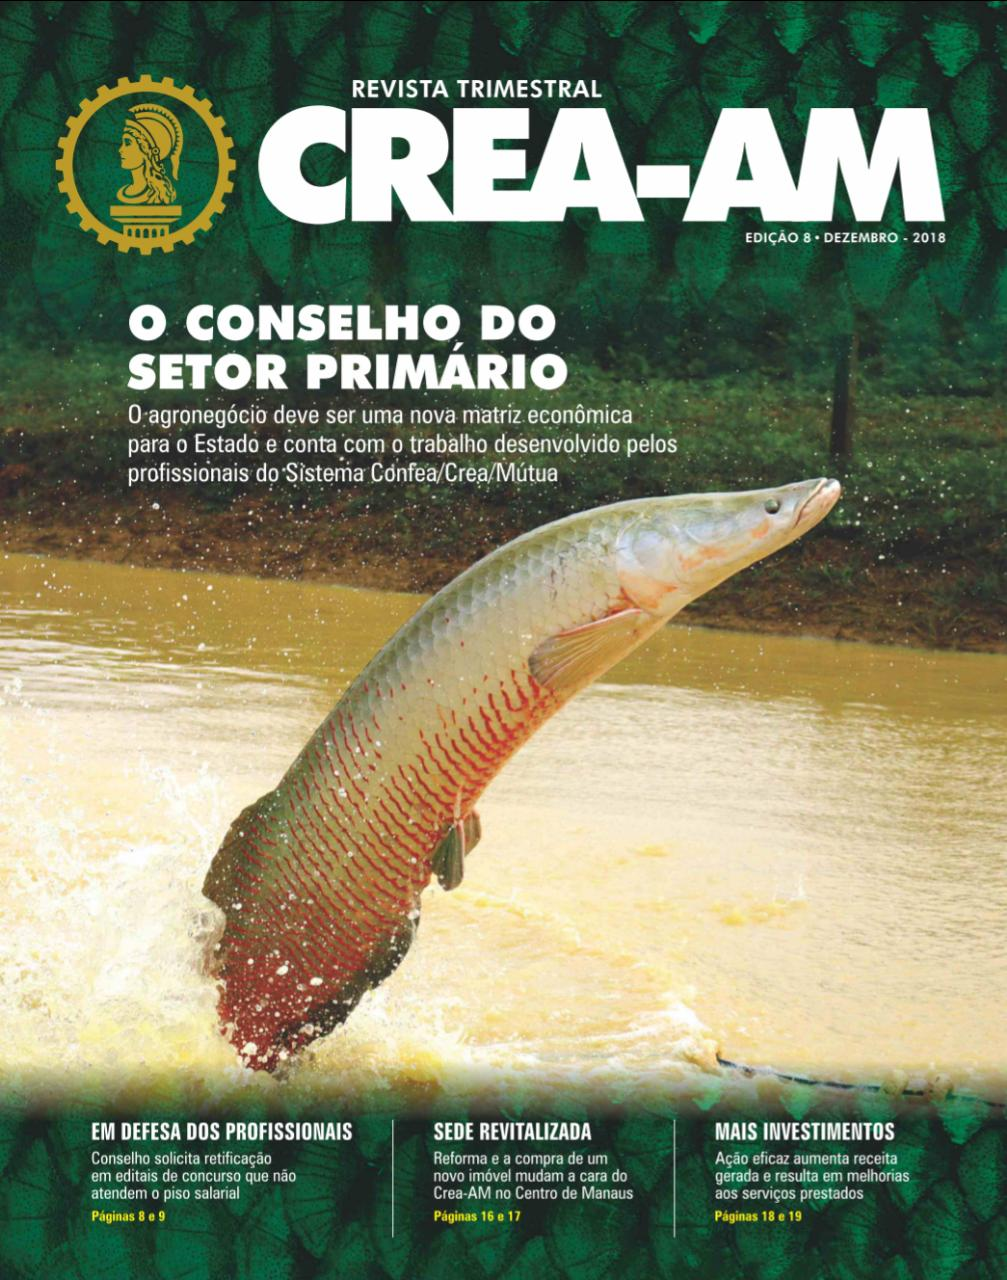 https://crea-am.org.br/img/filemanager/revistas/Capa_revista_2018-OutNovDez..jpeg?1522944717957